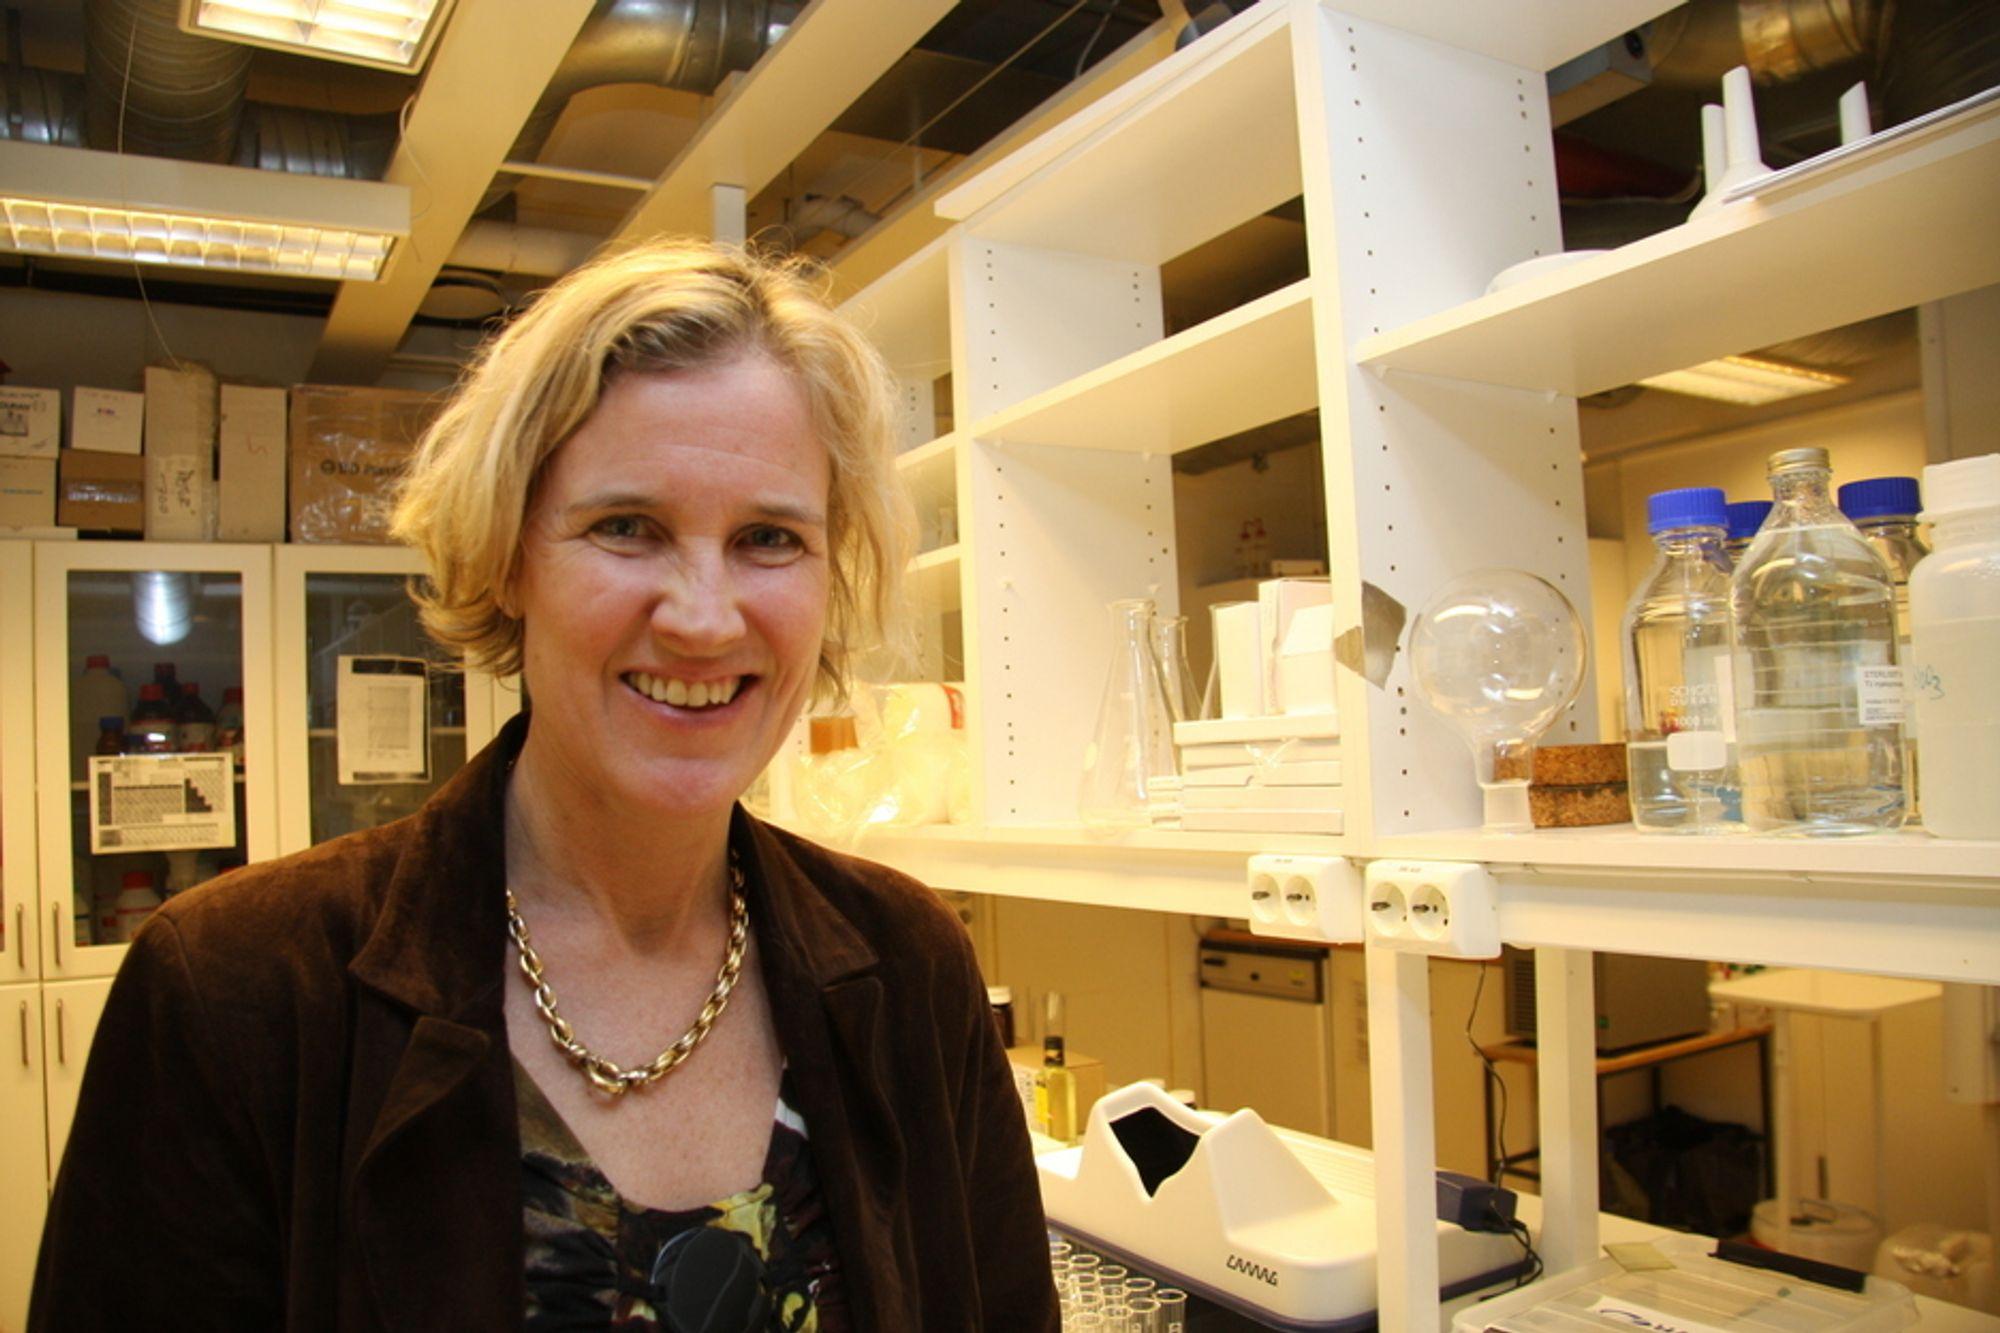 Elisabeth Michelson har vært med å starte bedriften Elmico, som utvikler nye produkter basert på herdeplast til blant annet bygningsindustrien. Nå er hun kåret til årets kvinnelige gründer.